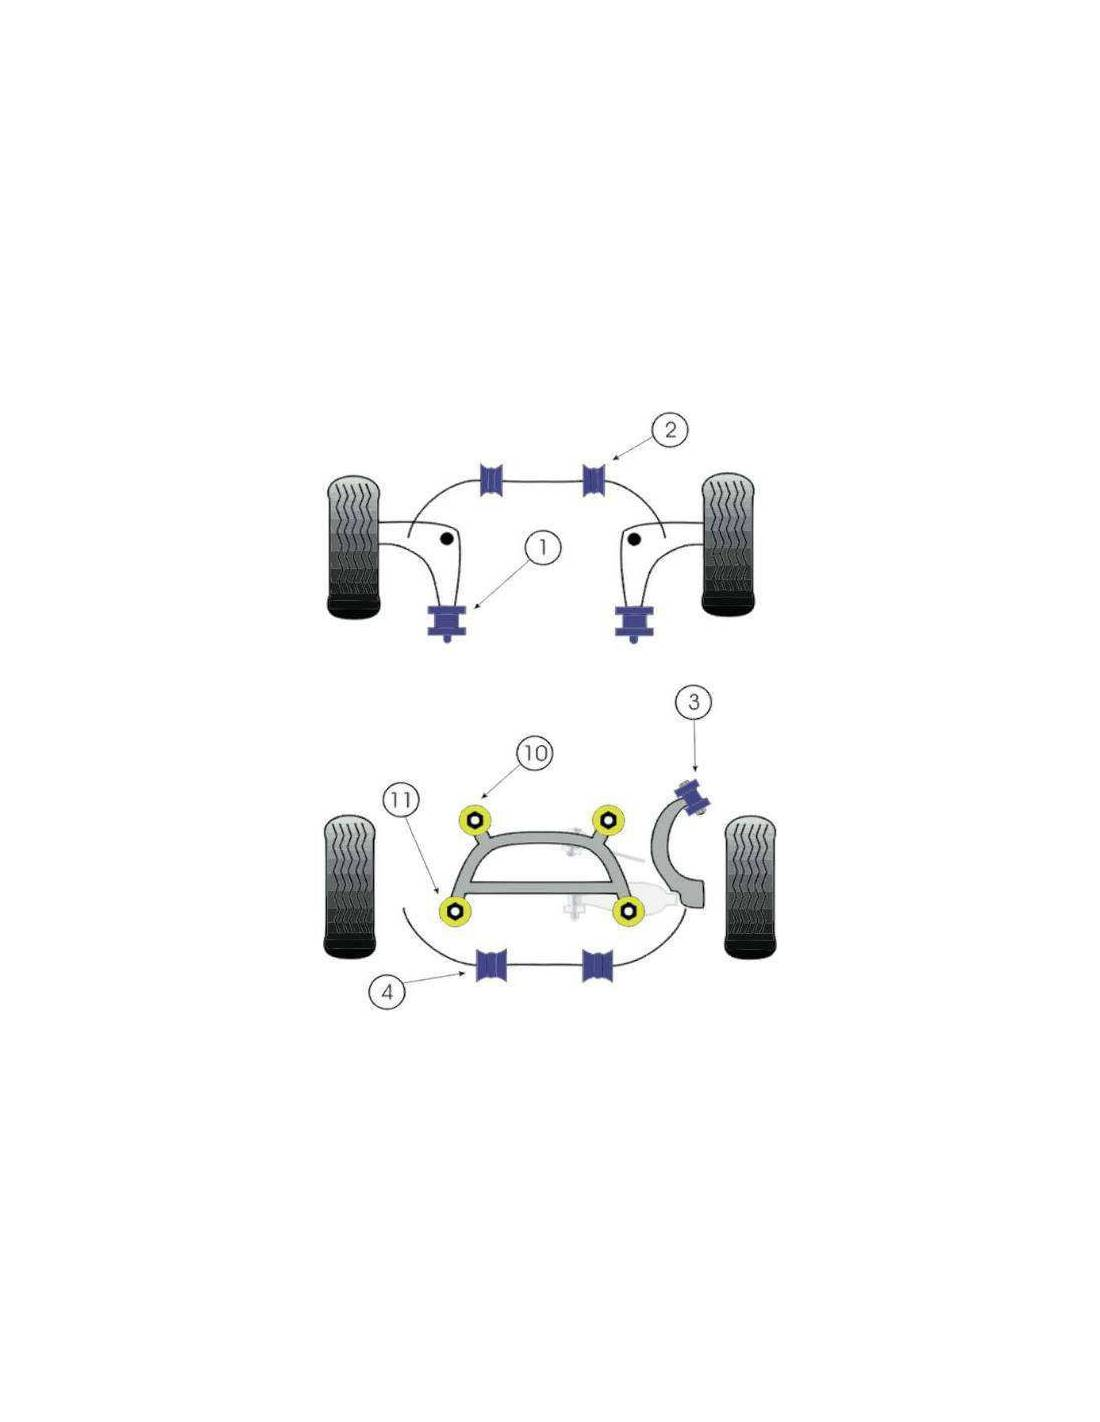 2 silentblocs renforc s performance arri re triangle inf rieur avant bmw e46. Black Bedroom Furniture Sets. Home Design Ideas